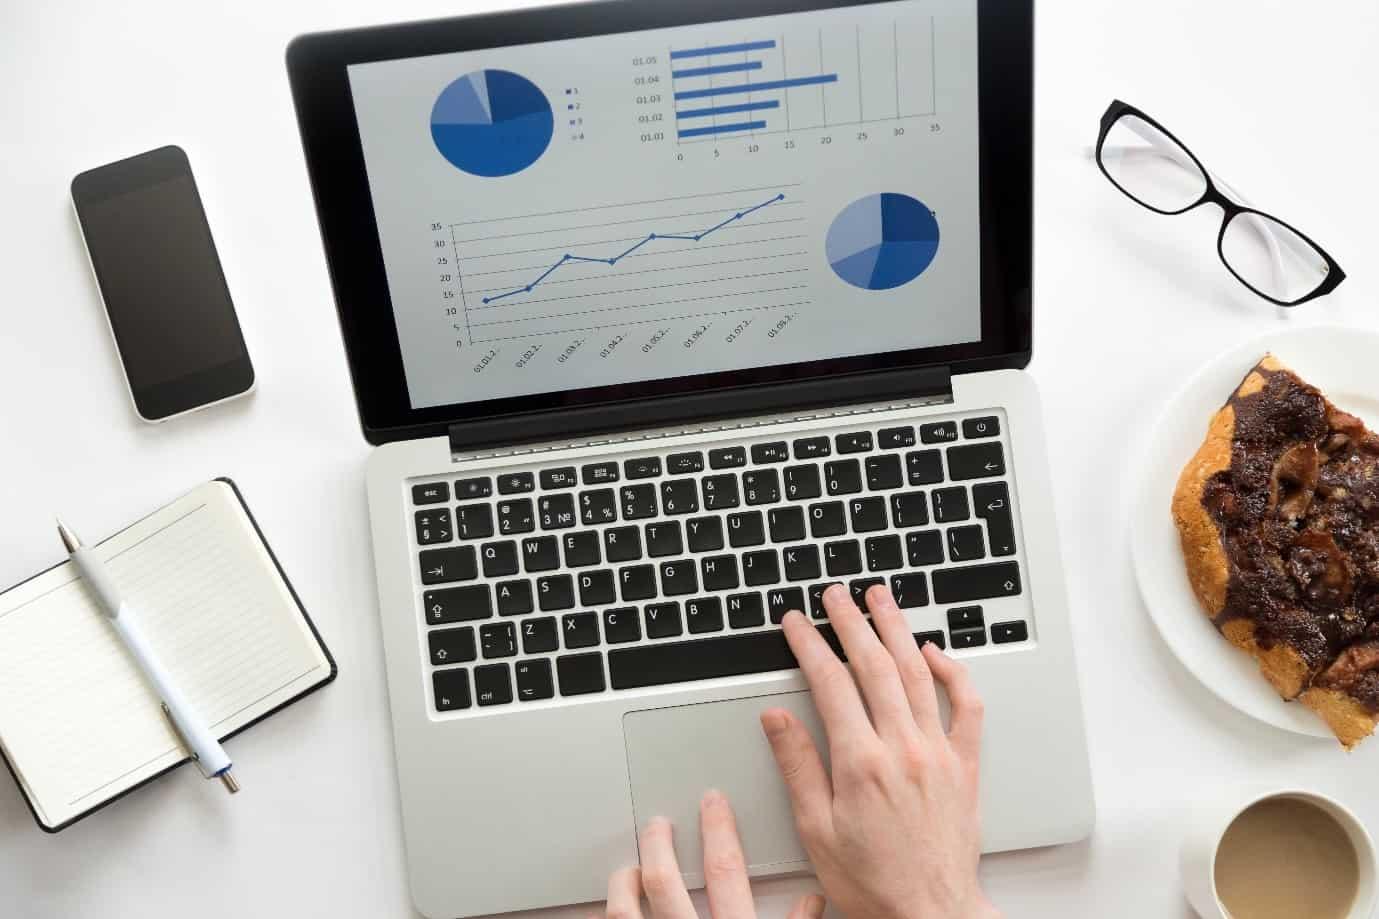 Fluxo de caixa empresarial: como elaborar de maneira correta - Administrar Online - Terceirização do Financeiro - BPO Financeiro